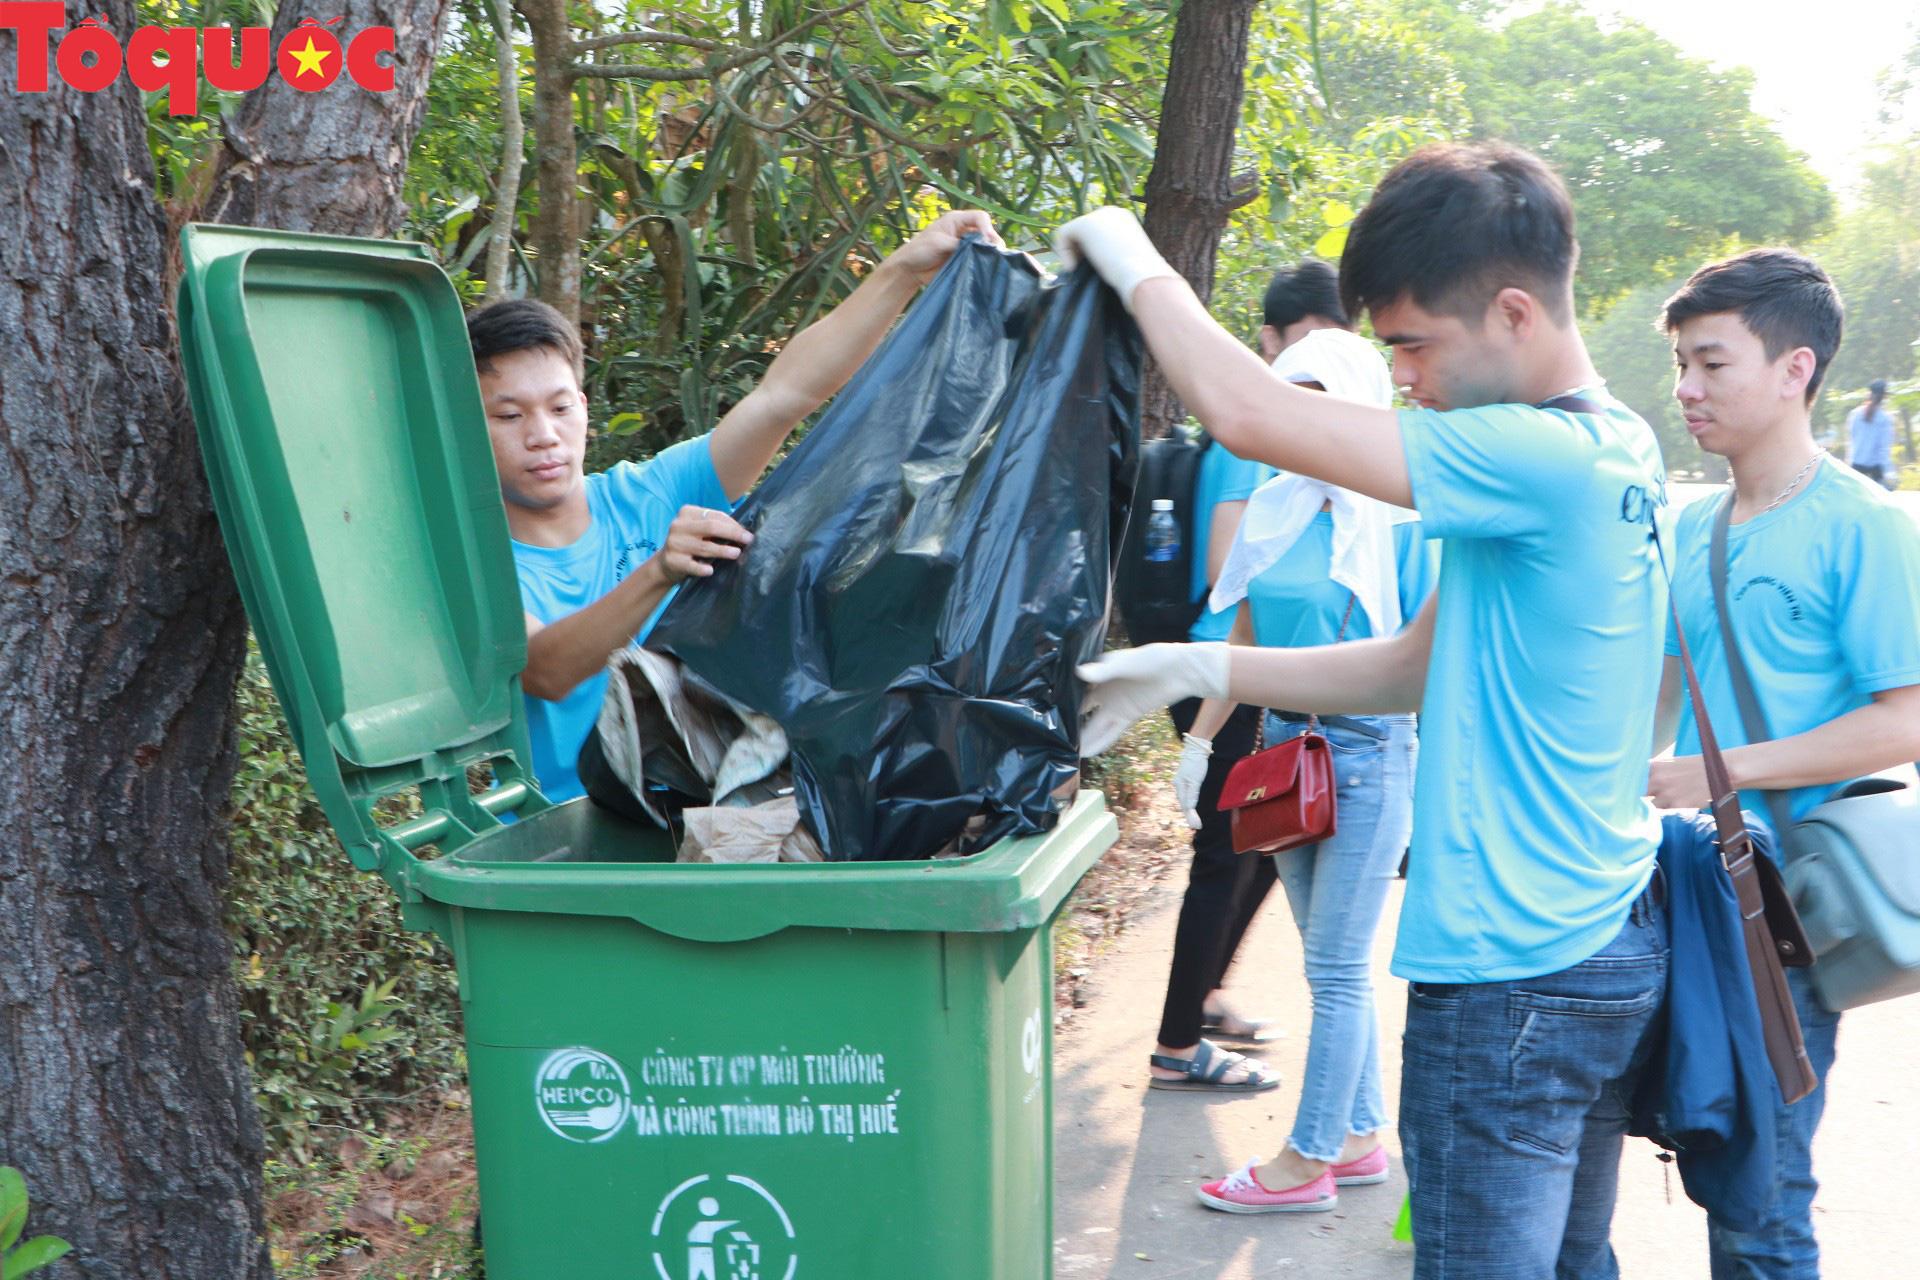 Phóng viên tại Huế nhặt rác làm sạch di tích, hưởng ứng Ngày chủ nhật xanh - Ảnh 7.